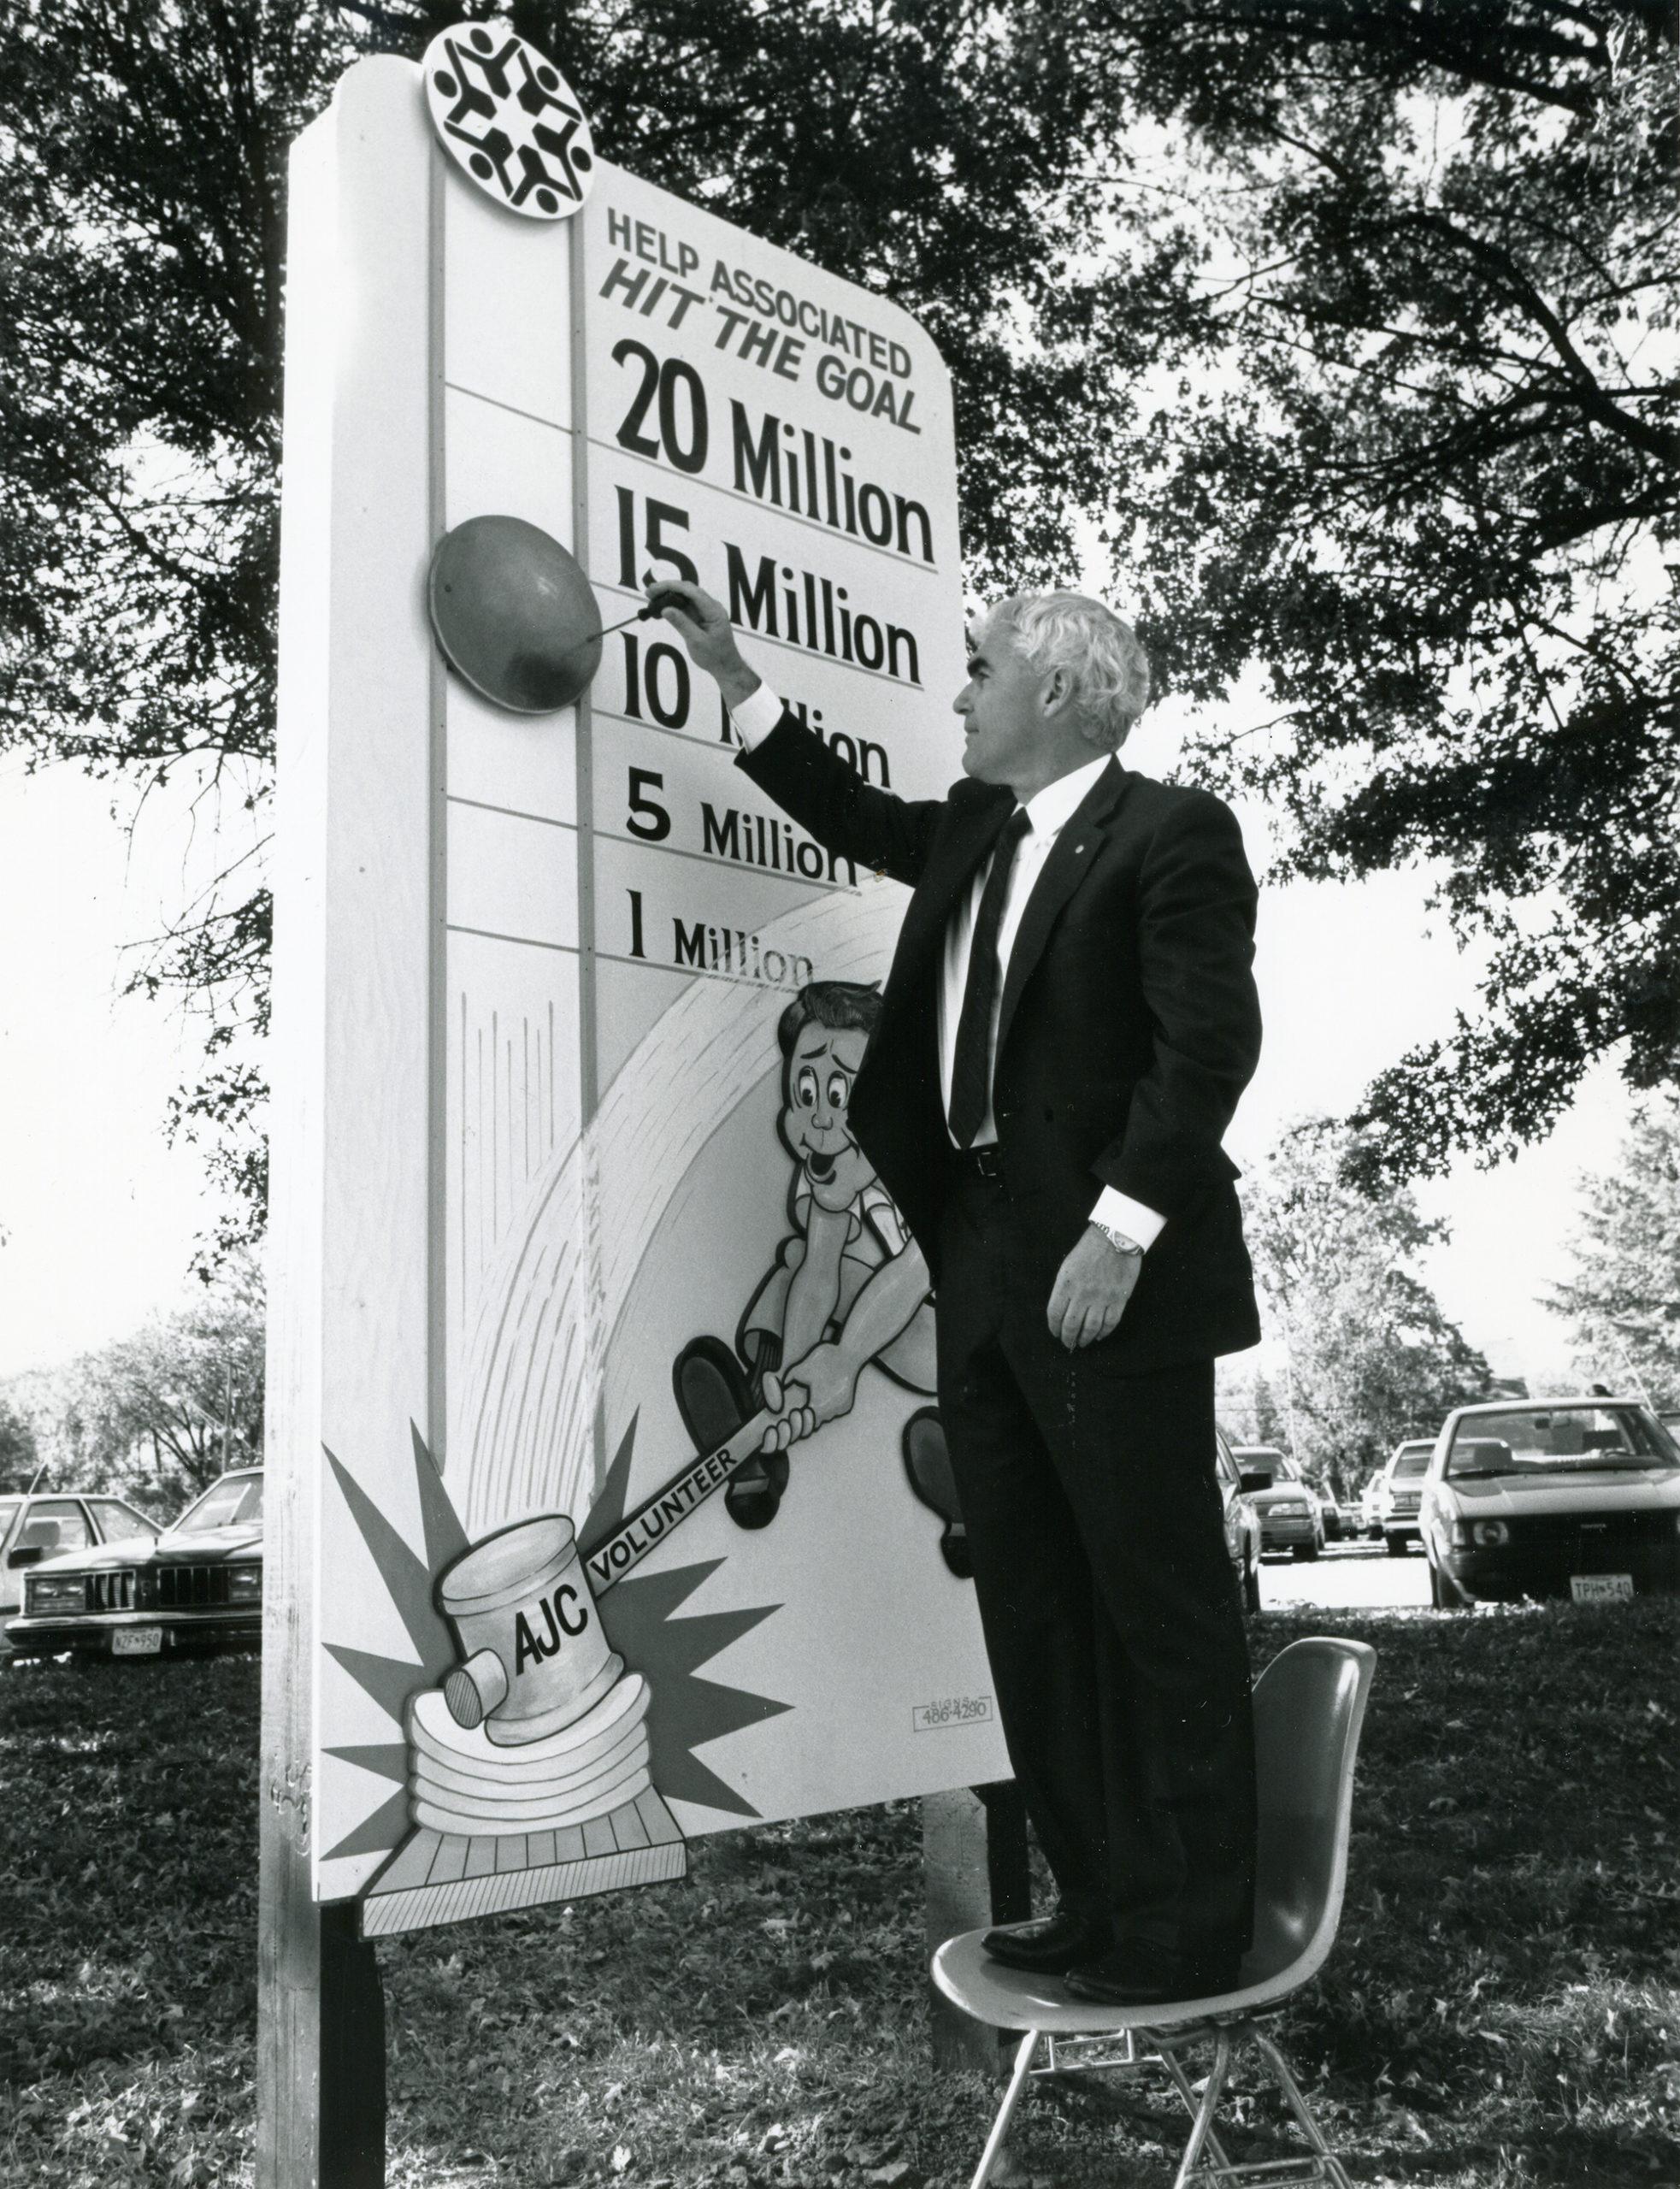 1988 image